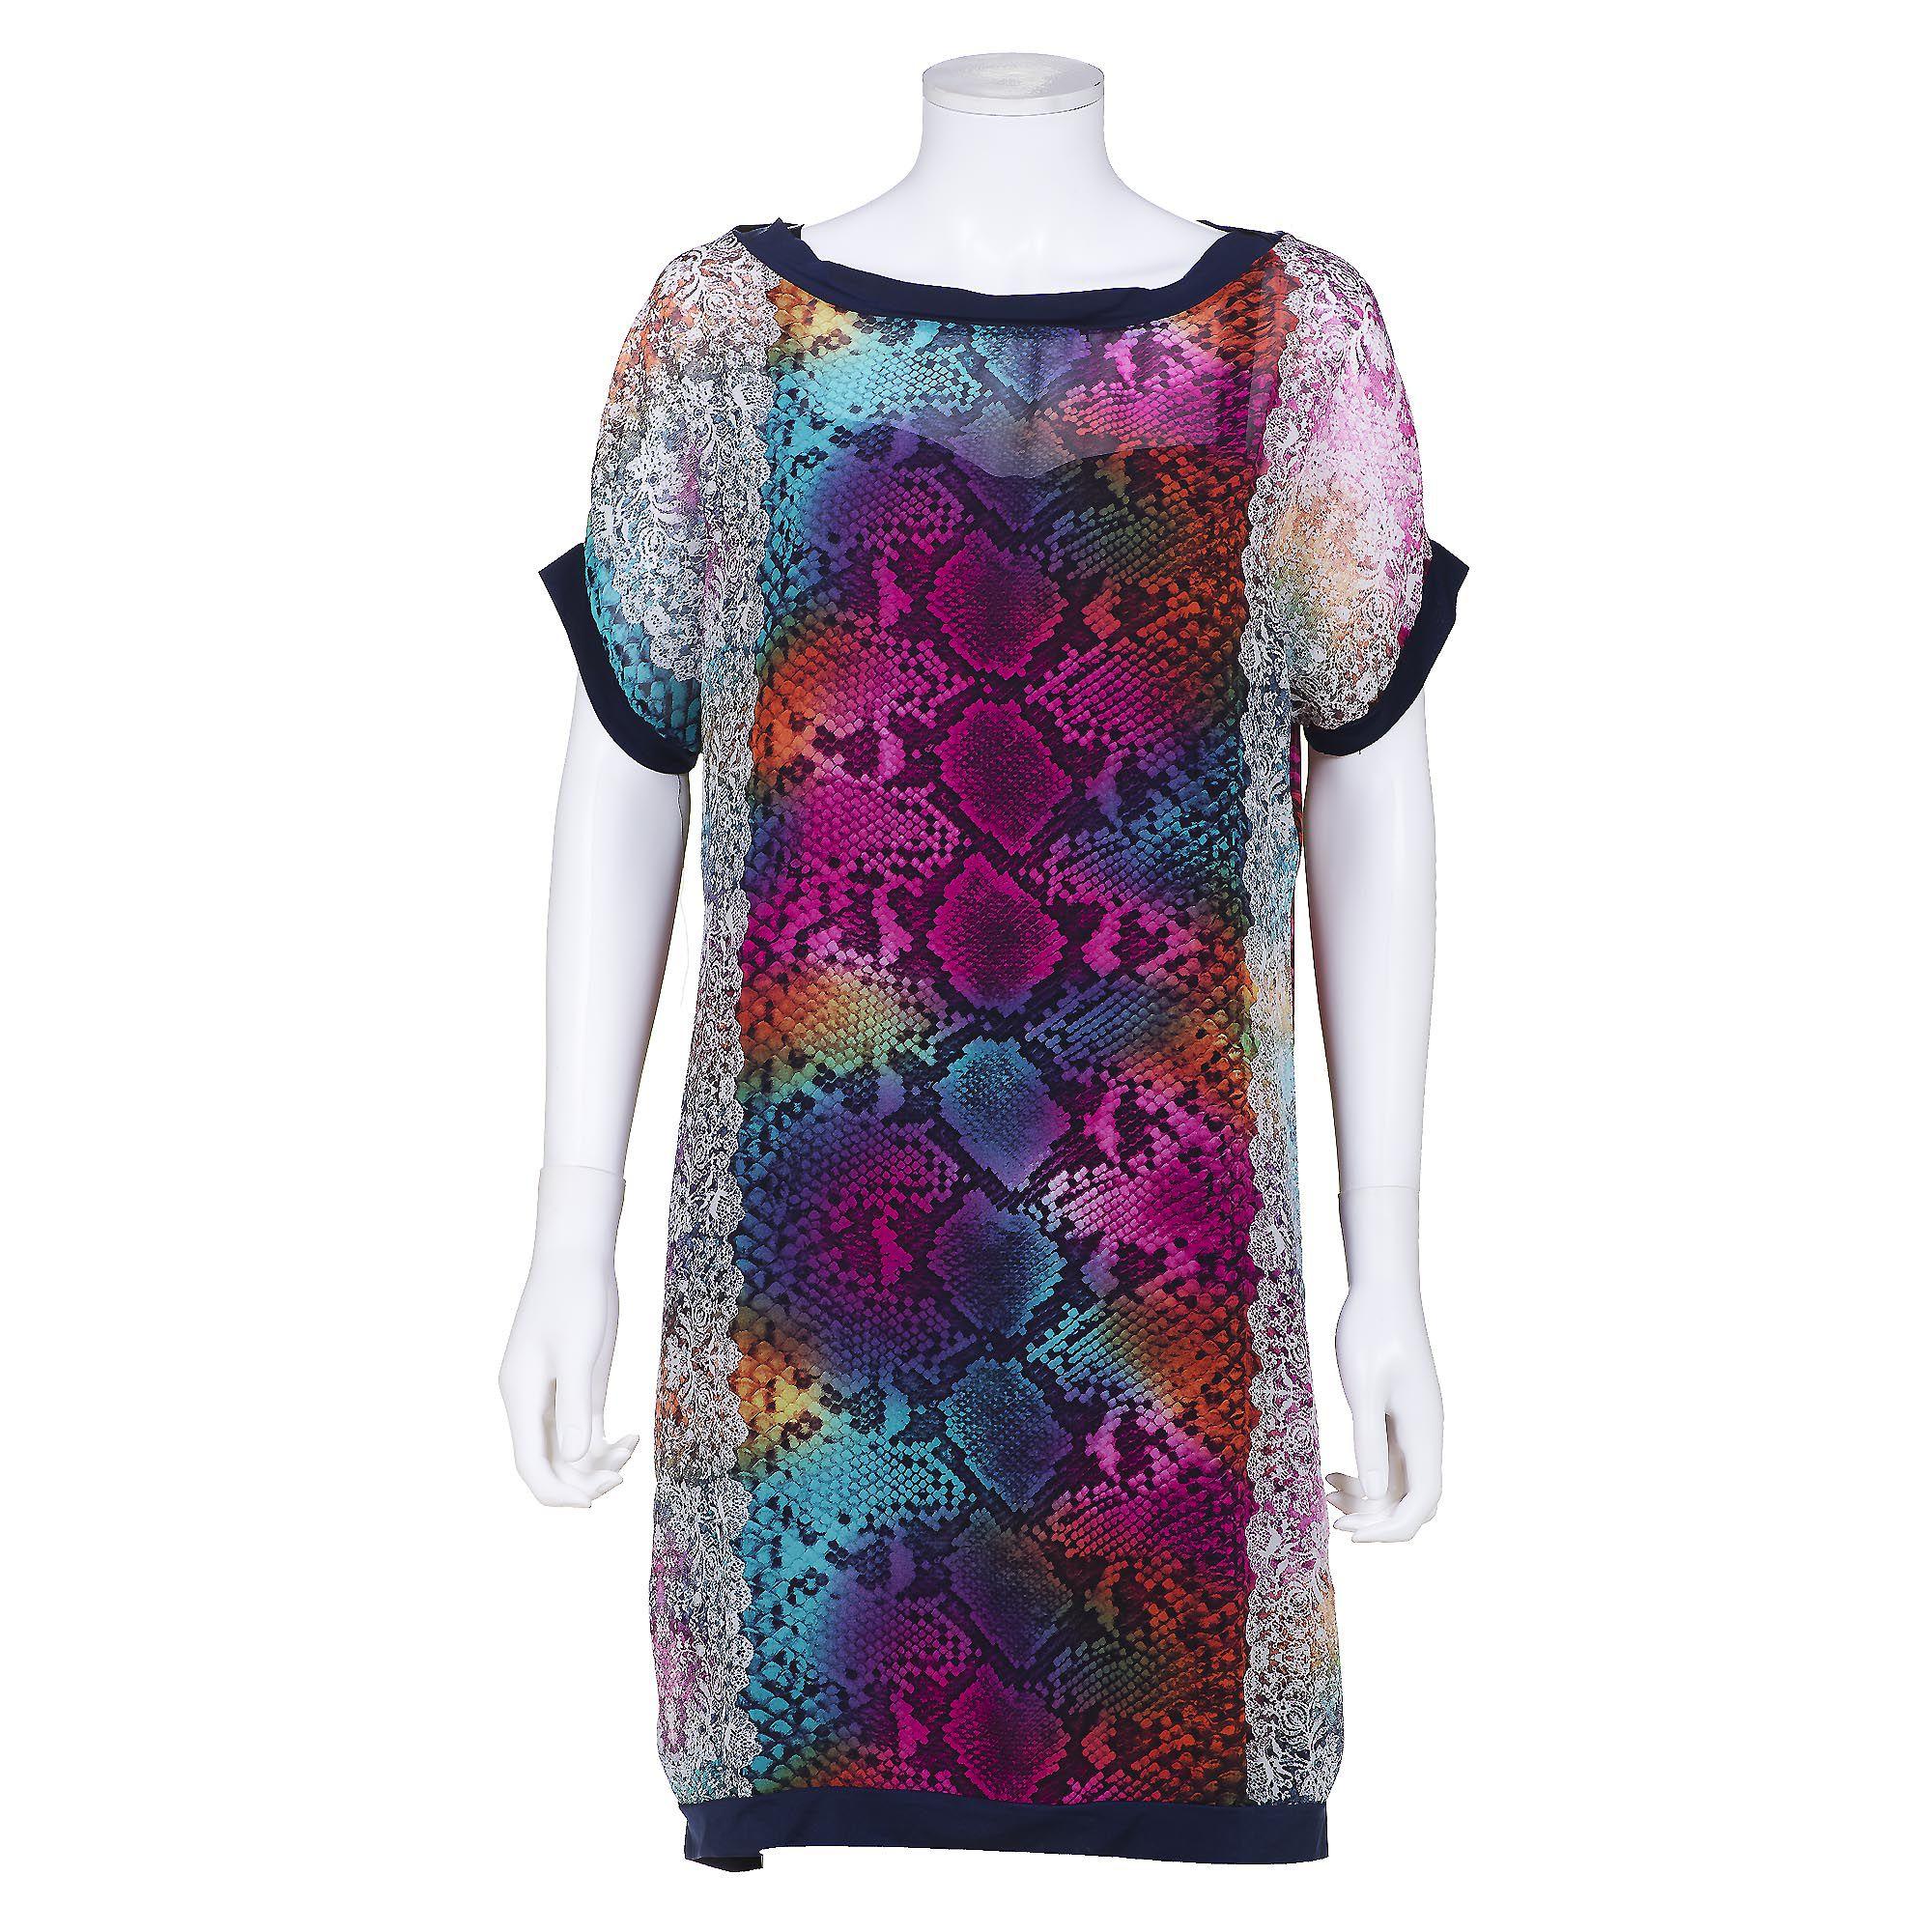 Officina della moda Completo abito fantasia con sottoabito svasato (2 pz)